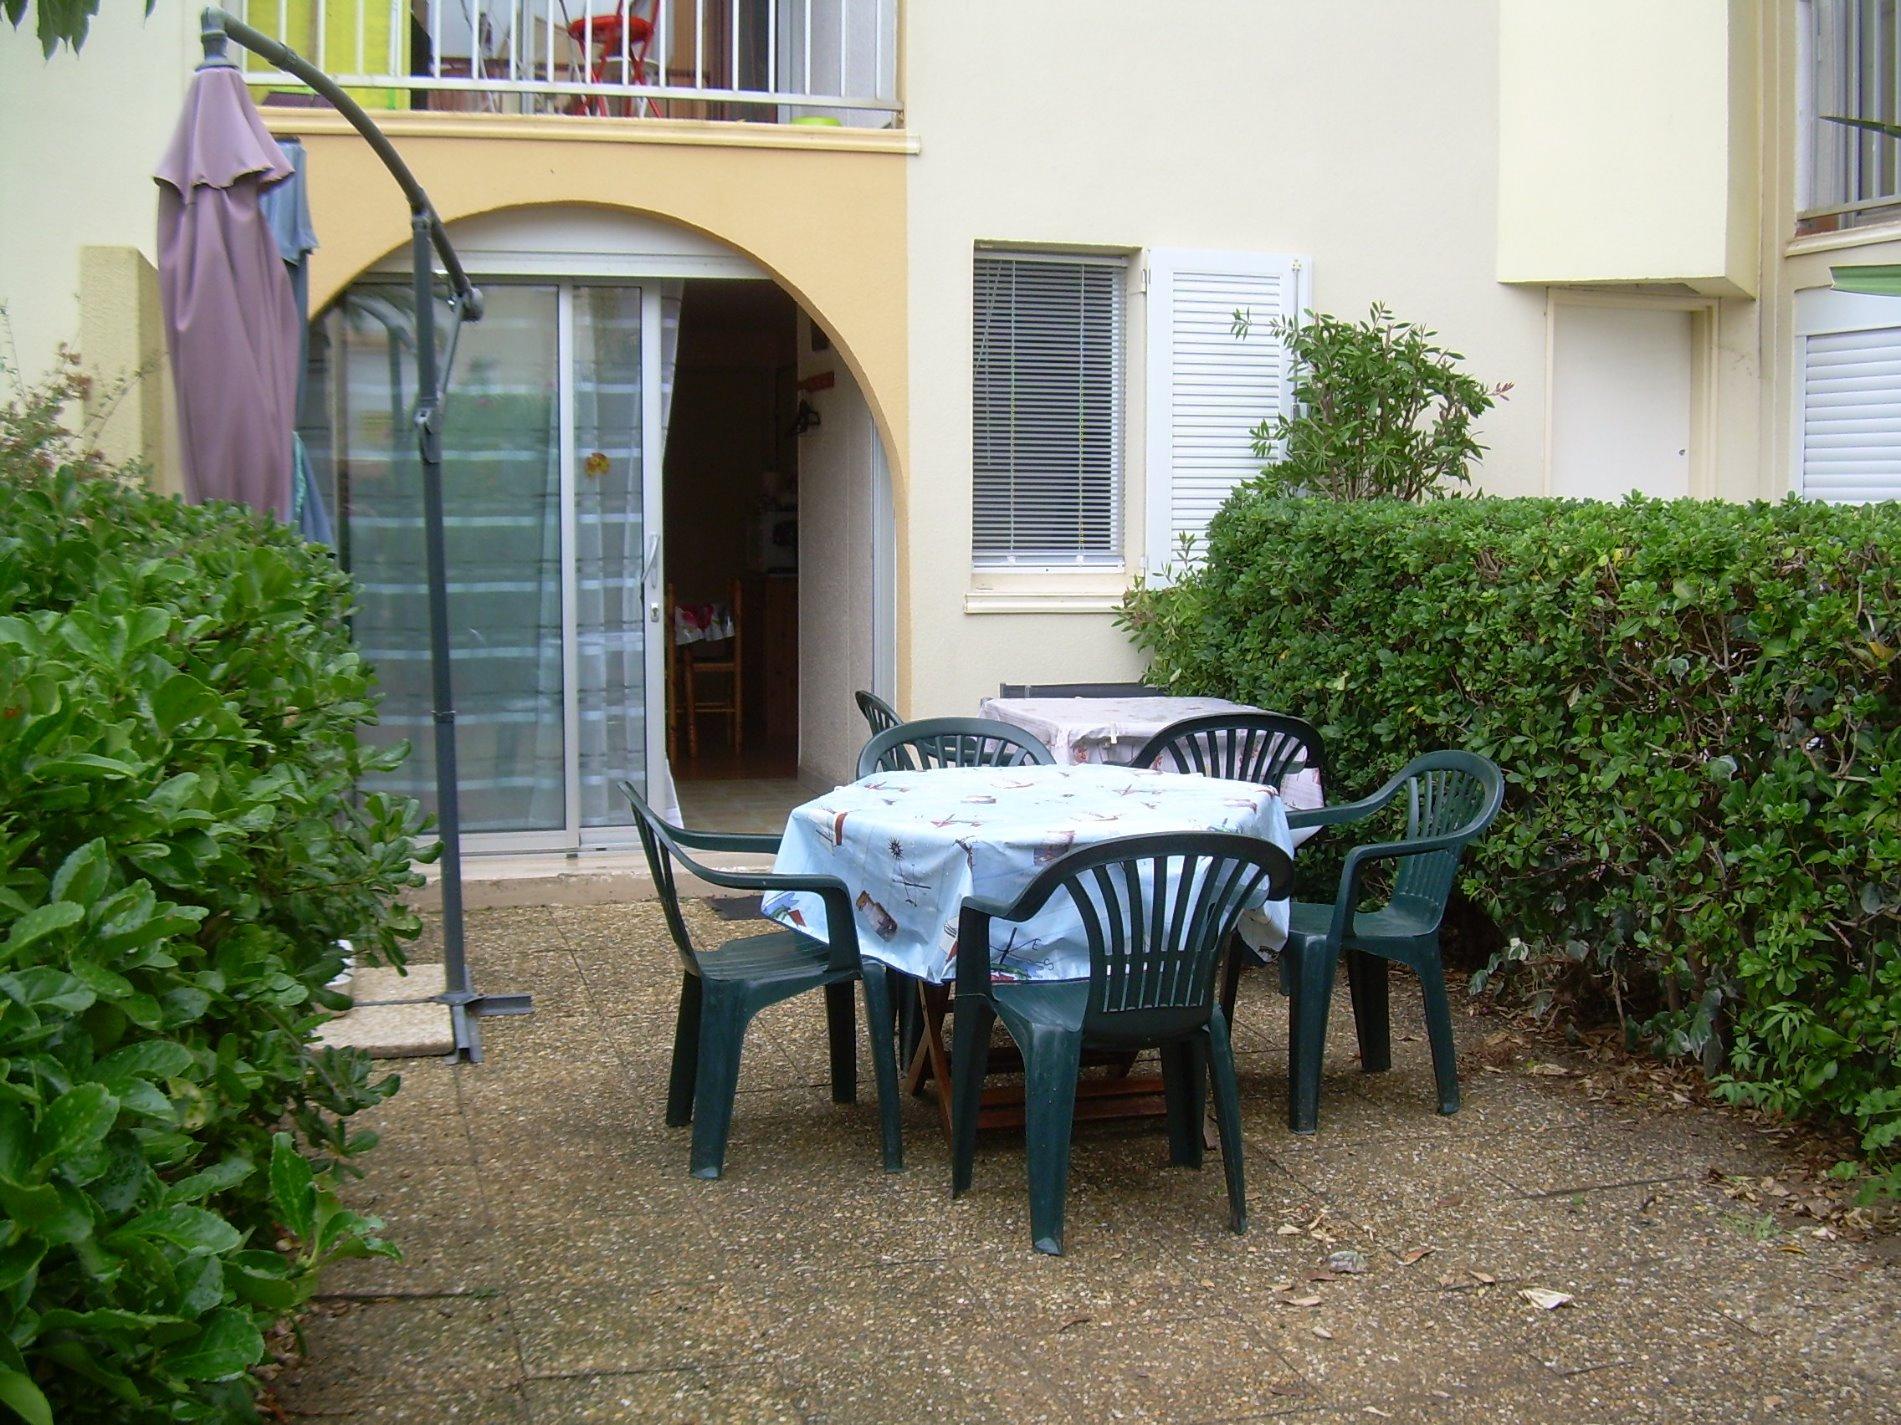 Location de vacances Appartement Narbonne plage (11100)